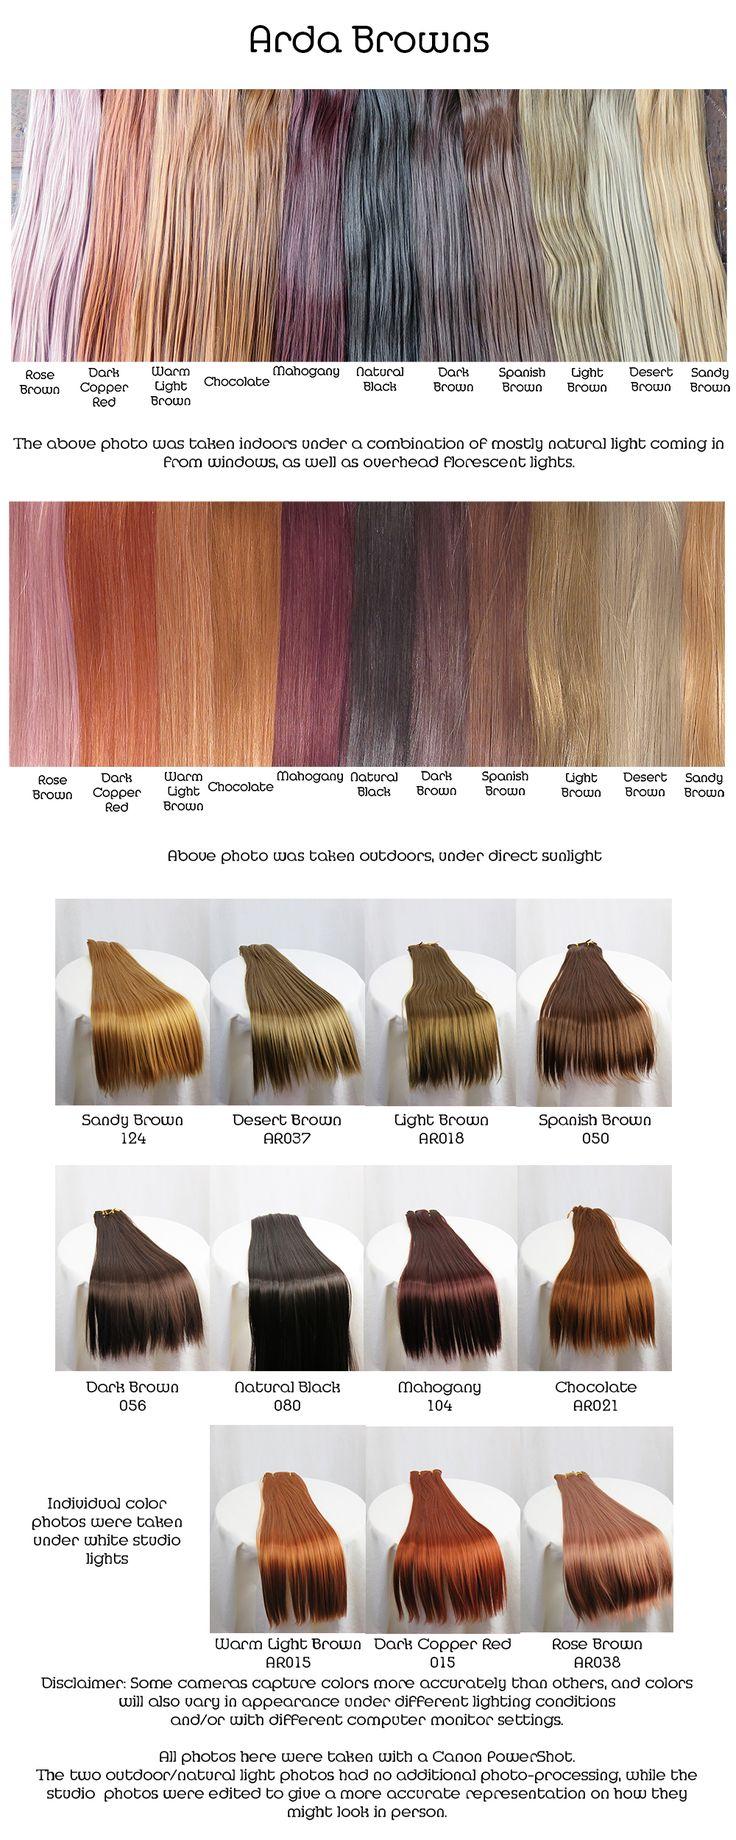 Arda browns, wig fiber color pallette.